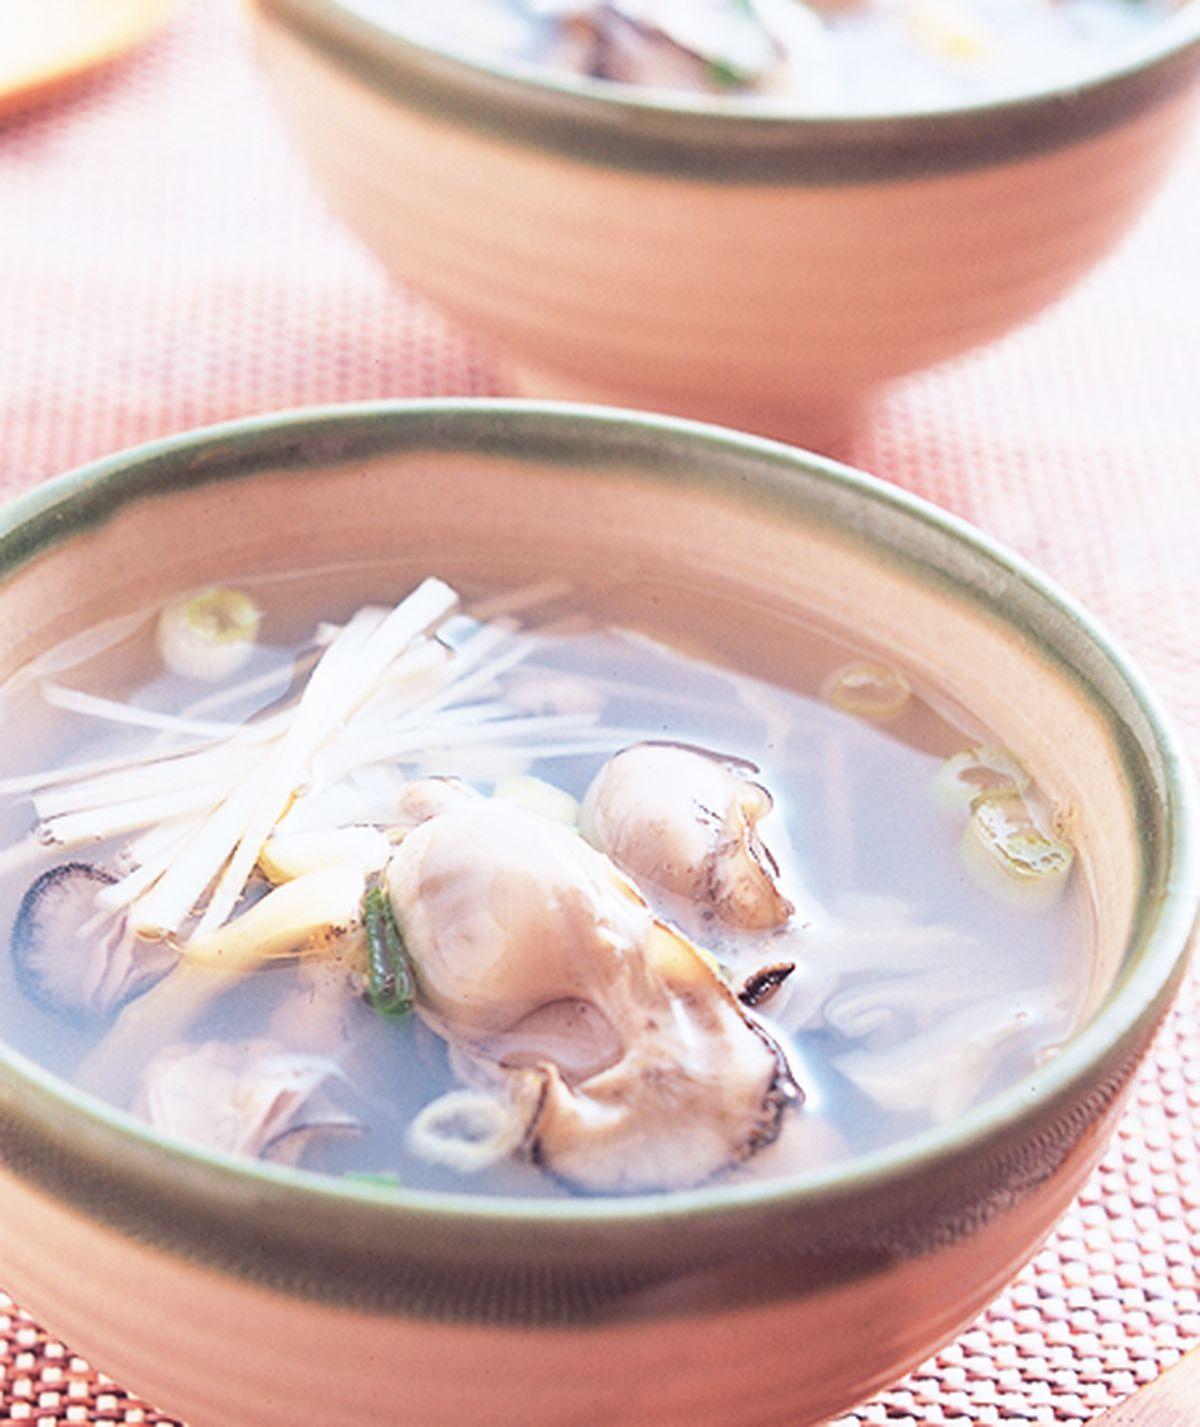 食譜:酸菜蚵仔湯